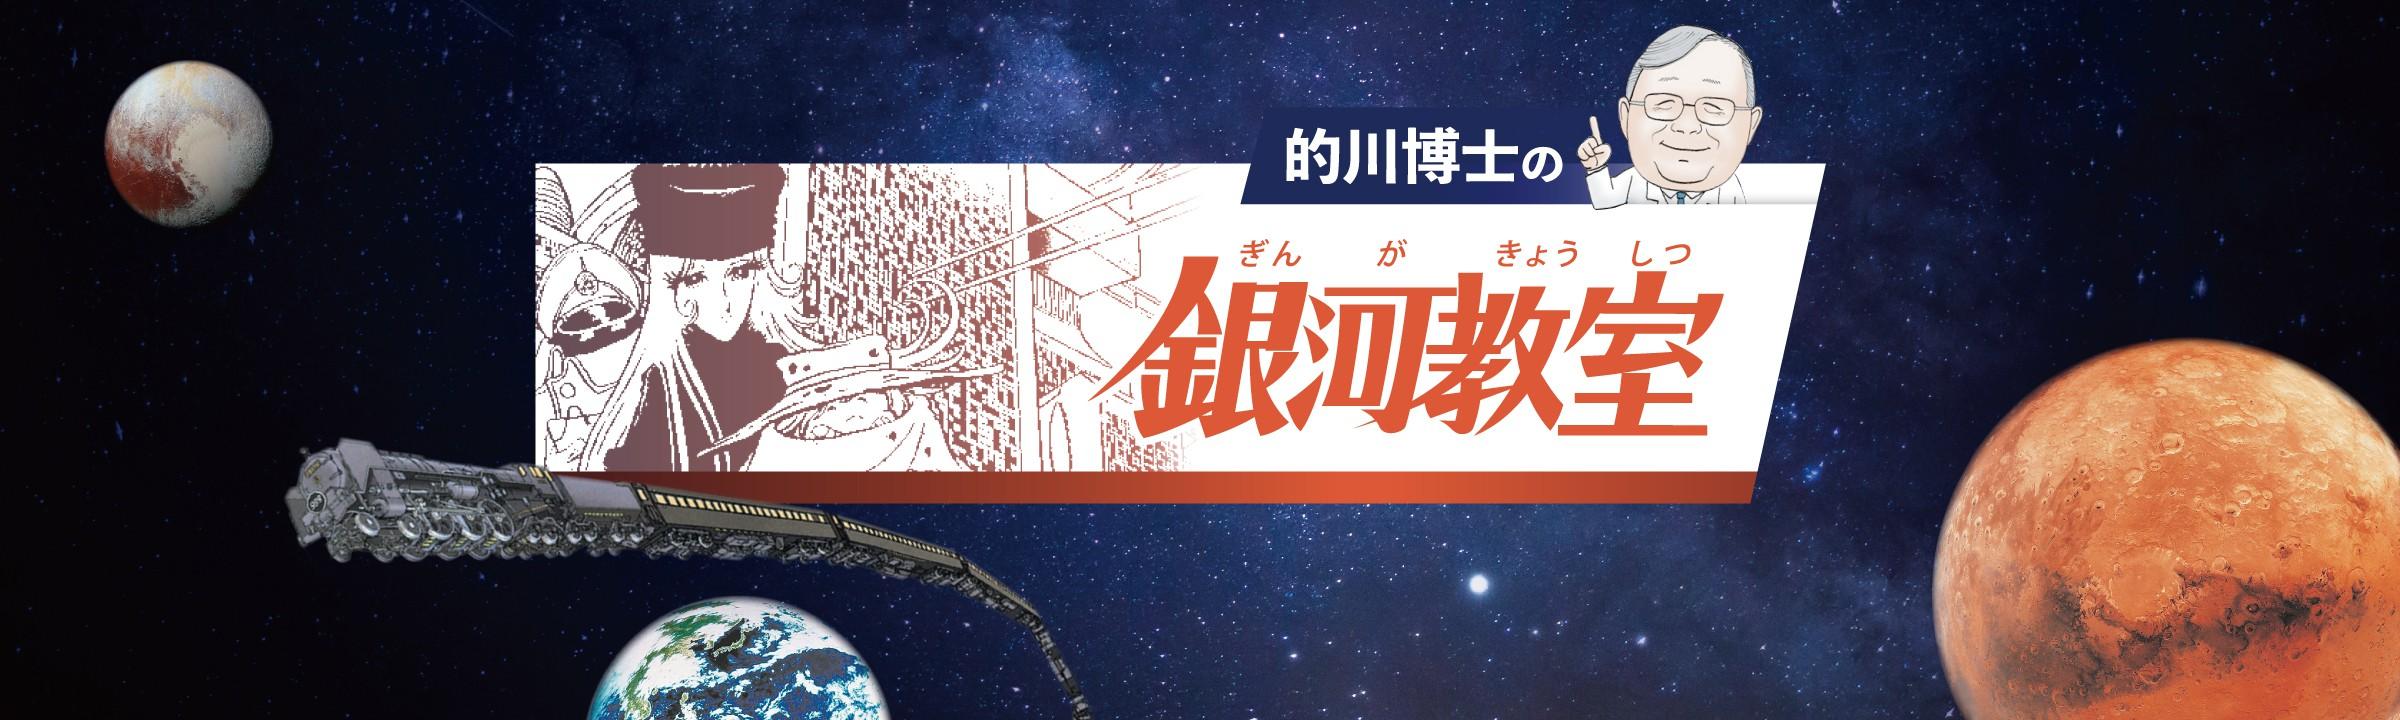 連載 的川博士の銀河教室